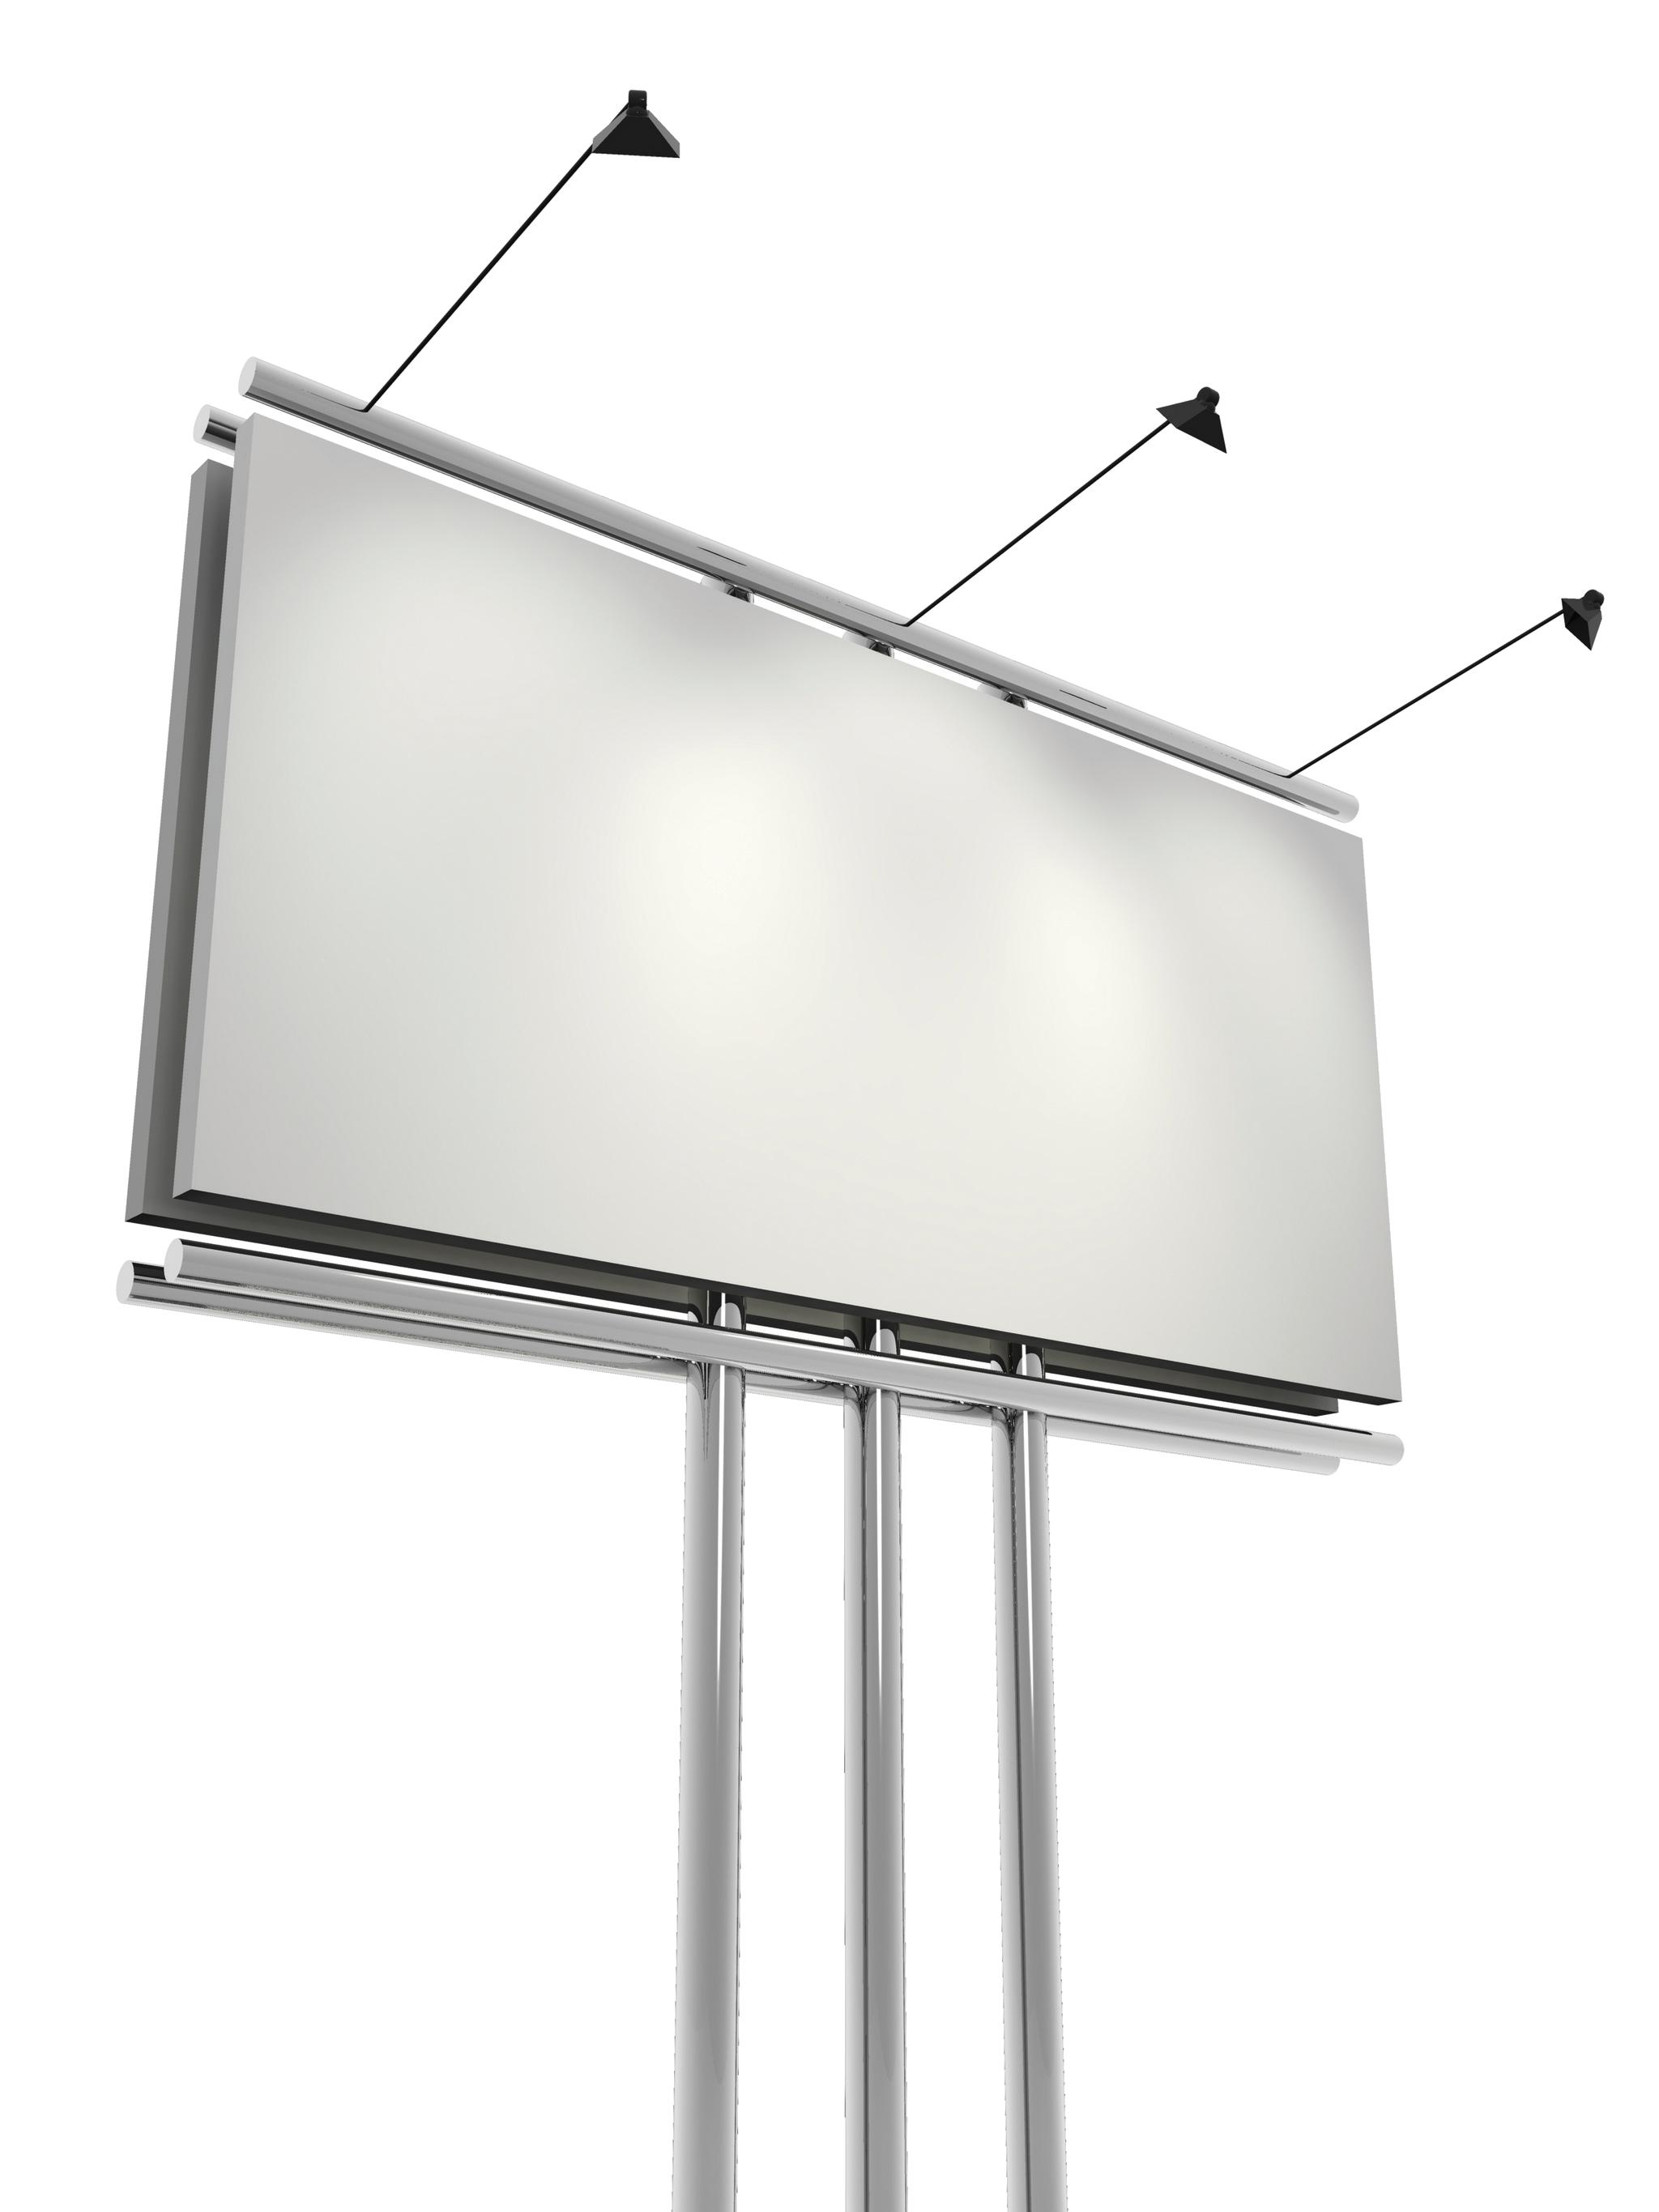 Billboard PNG Images Transparent Background.